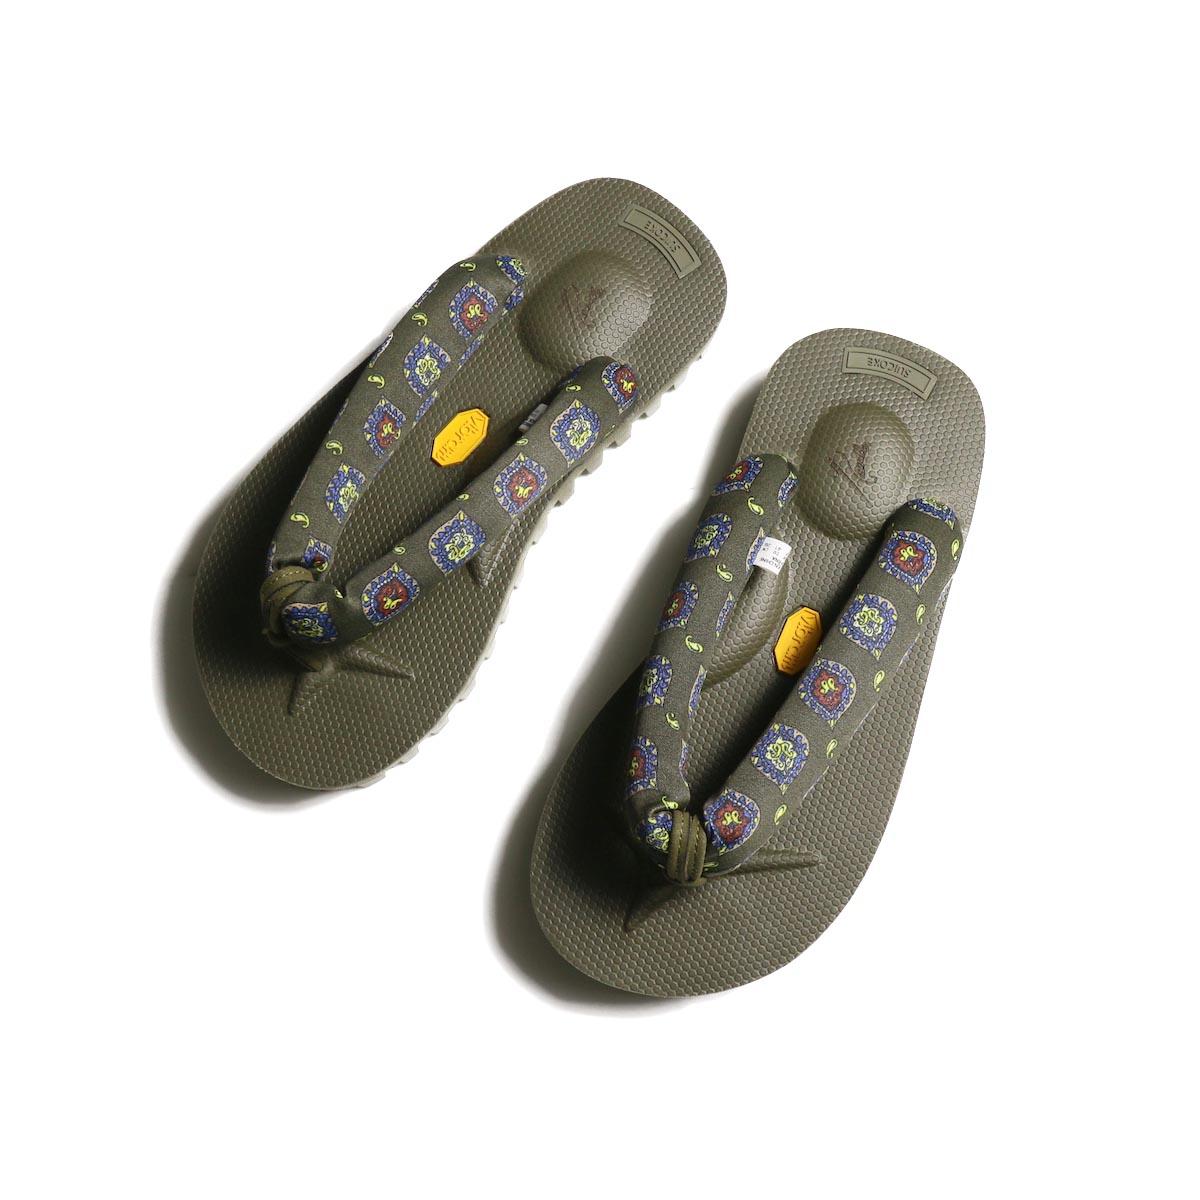 Needles × SUICOKE / Thong Sandal - w/Vibram - Wurstel Sole (Olive)